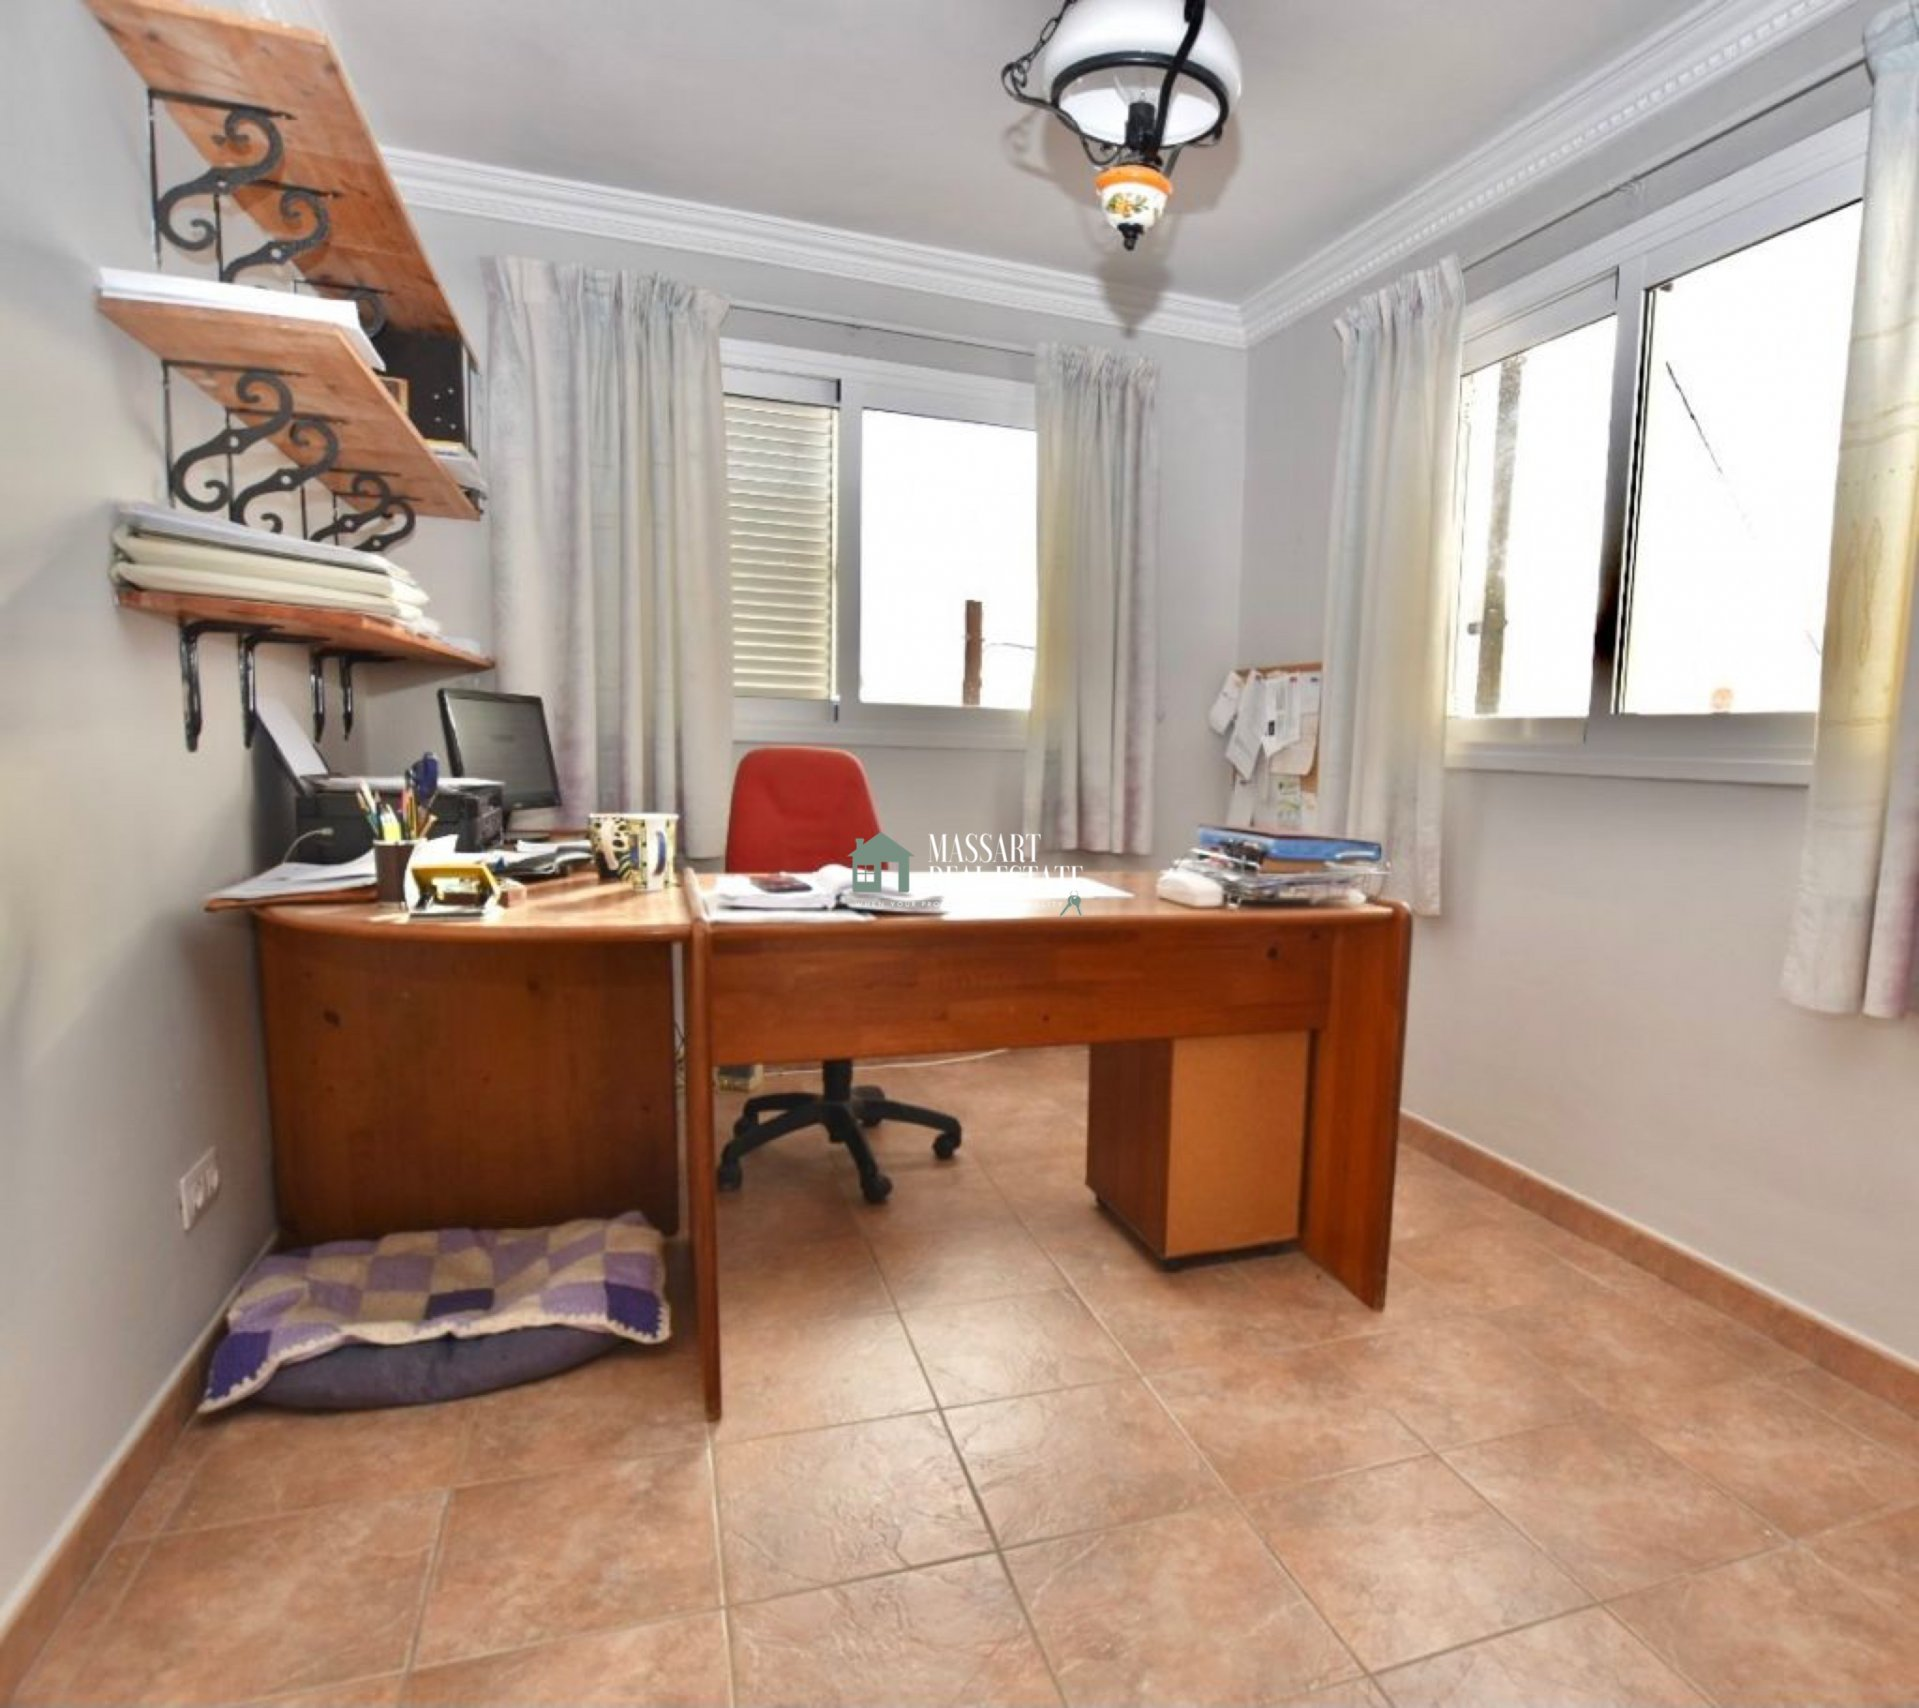 Casa indipendente di 304 m2 a Las Moraditas (Adeje), caratterizzata dall'offerta di viste impressionanti e panoramiche sul mare.